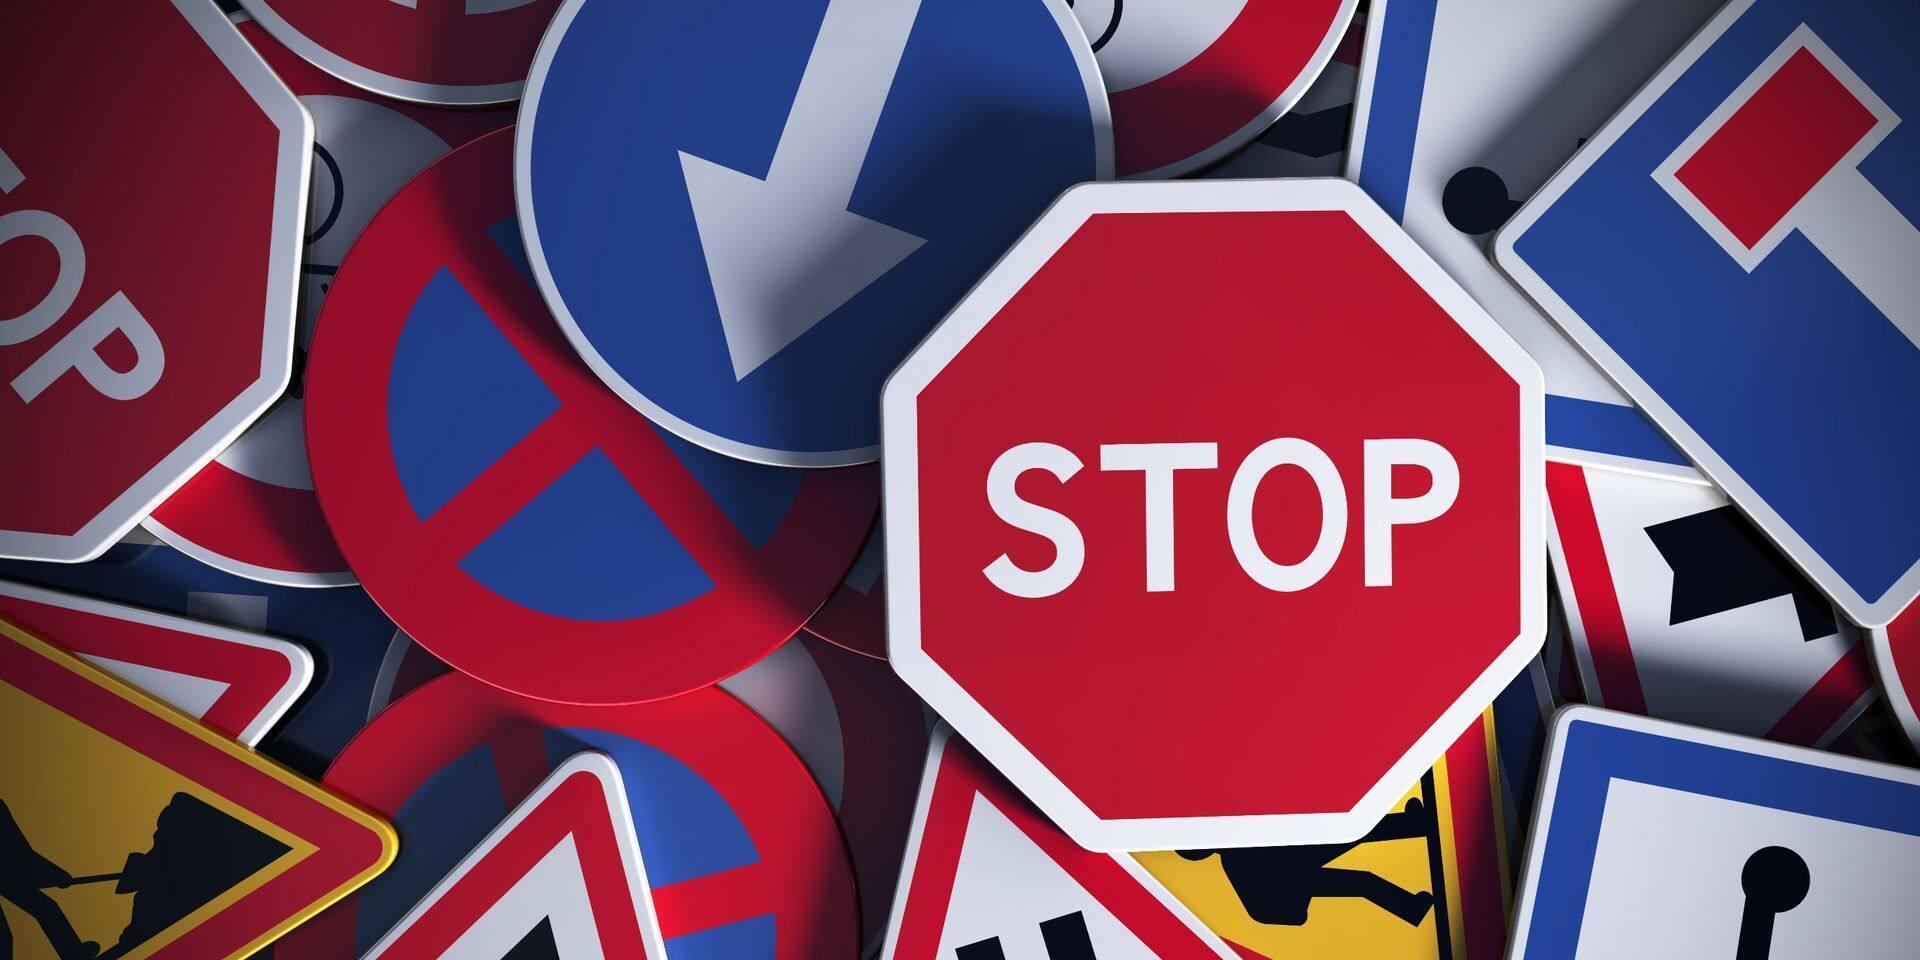 Voici les nouveaux panneaux de signalisation qui débarquent sur nos routes